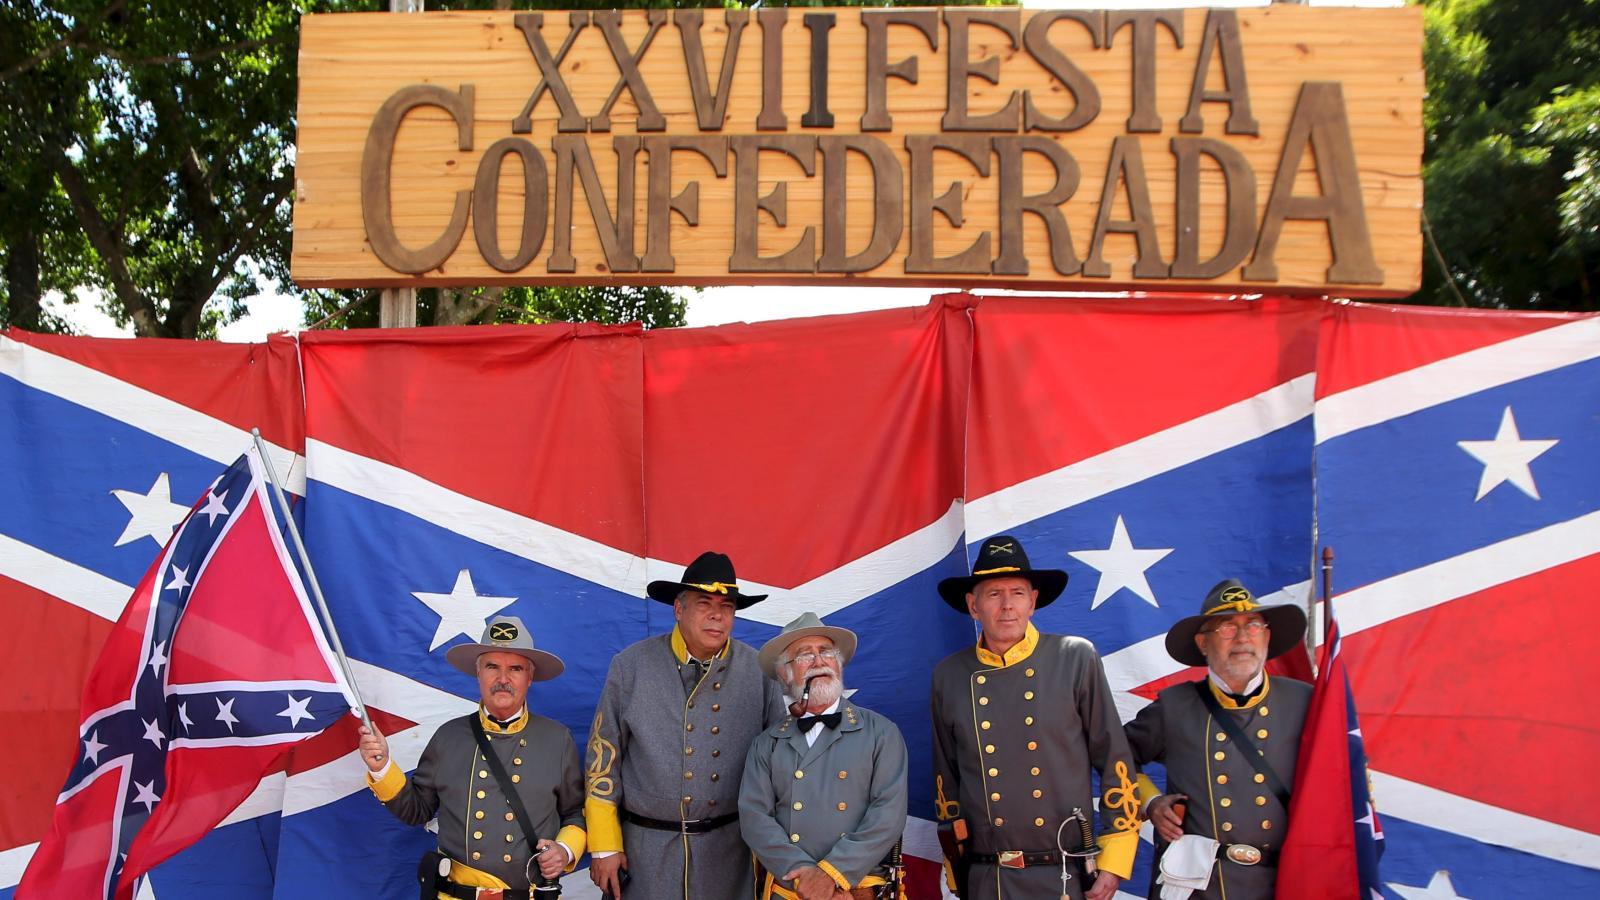 Confederada